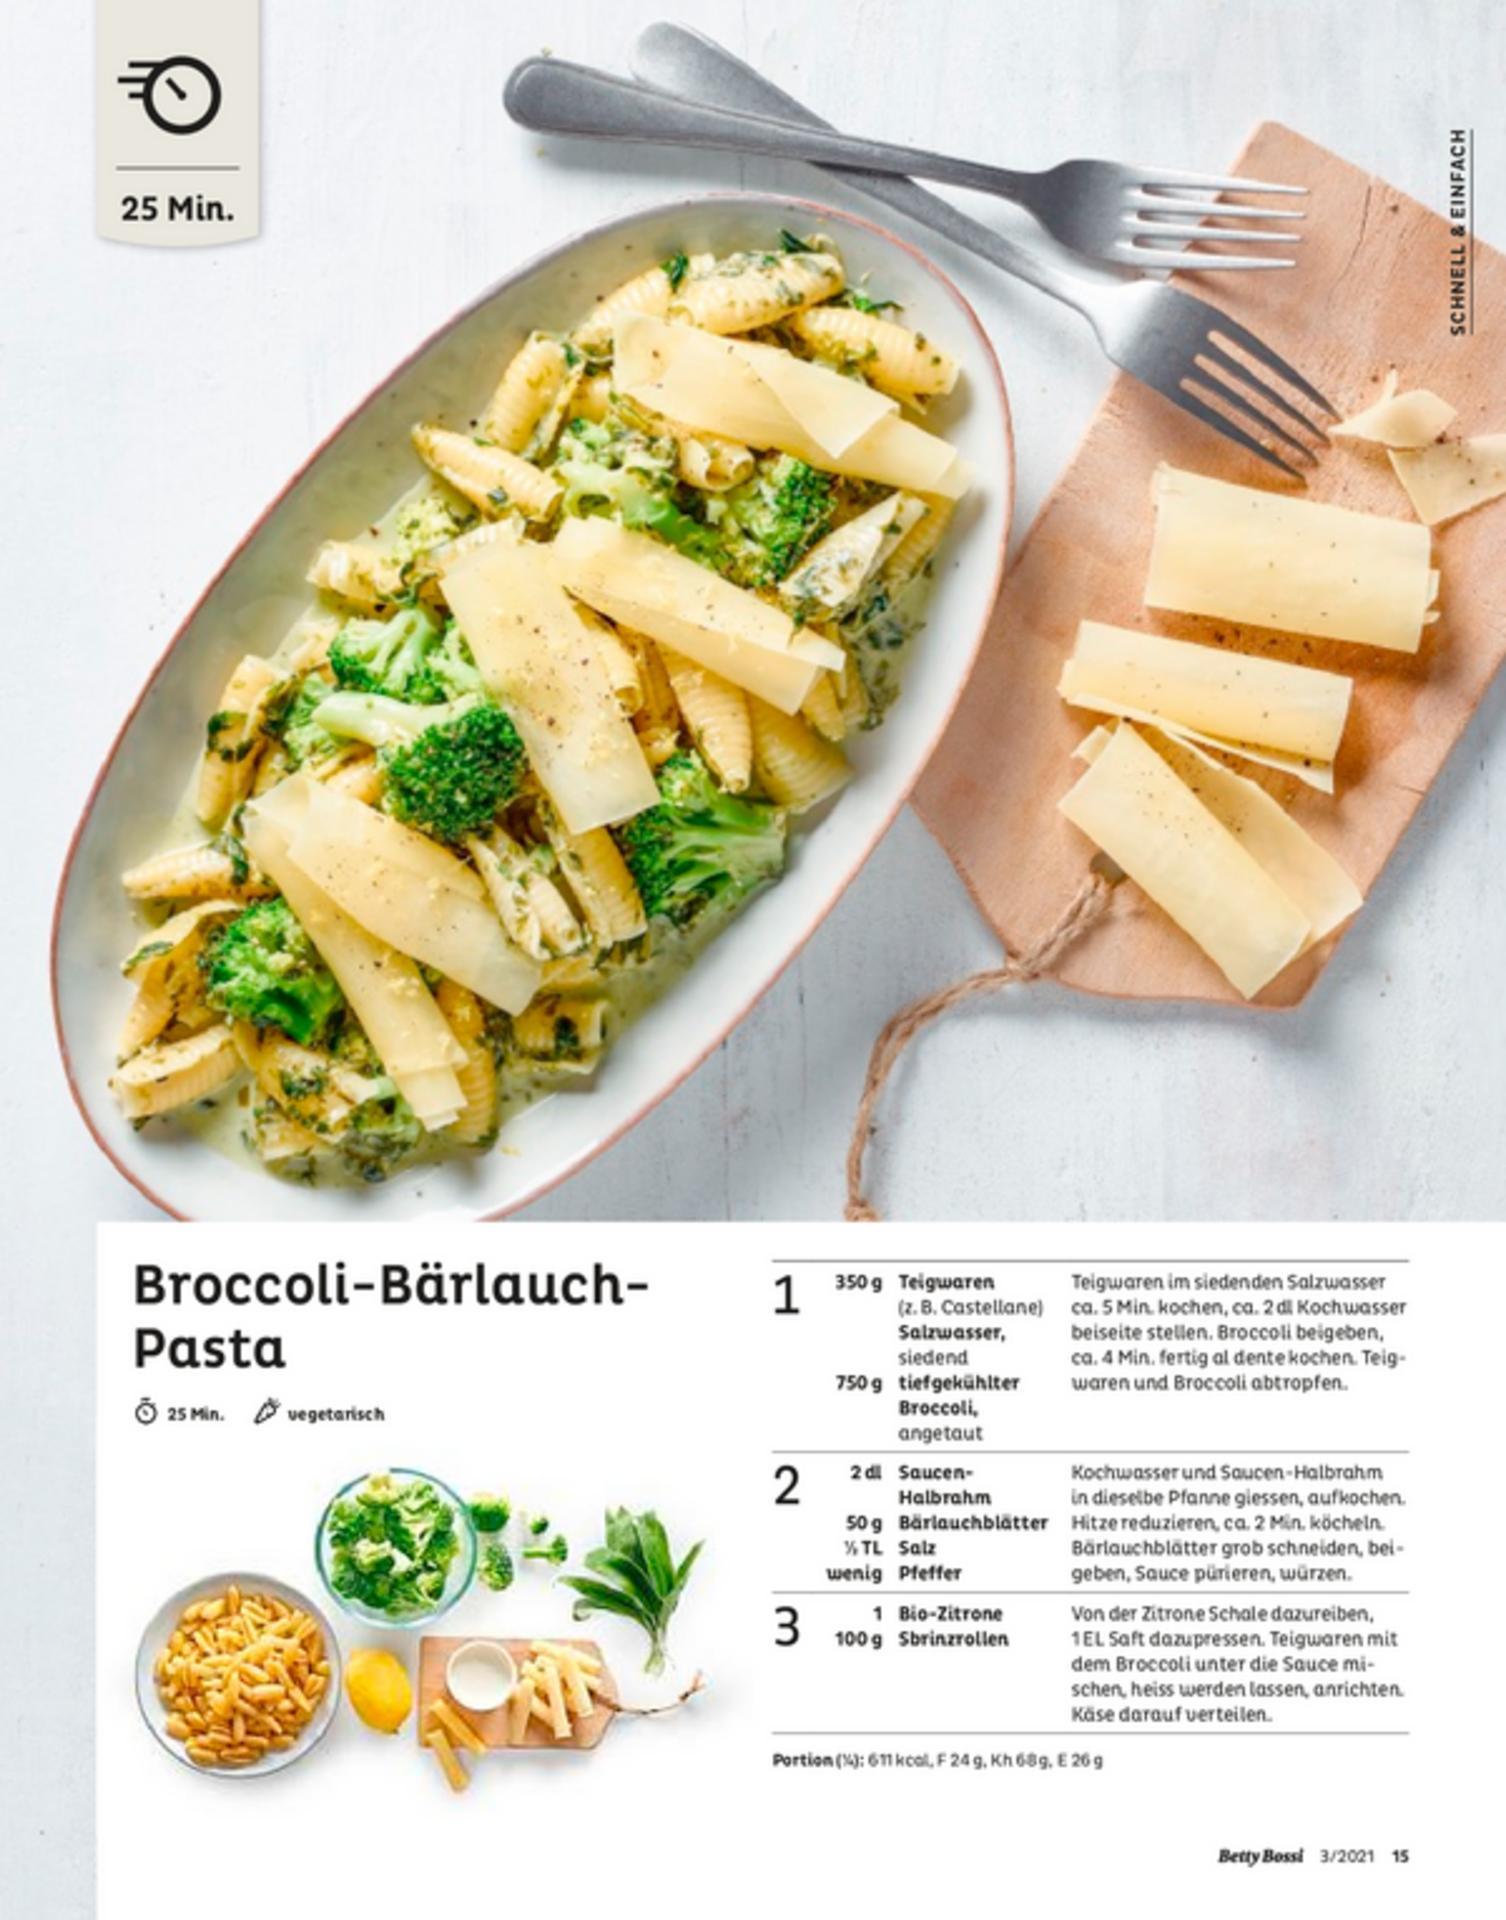 Broccoli-Bärlauch- Pasta